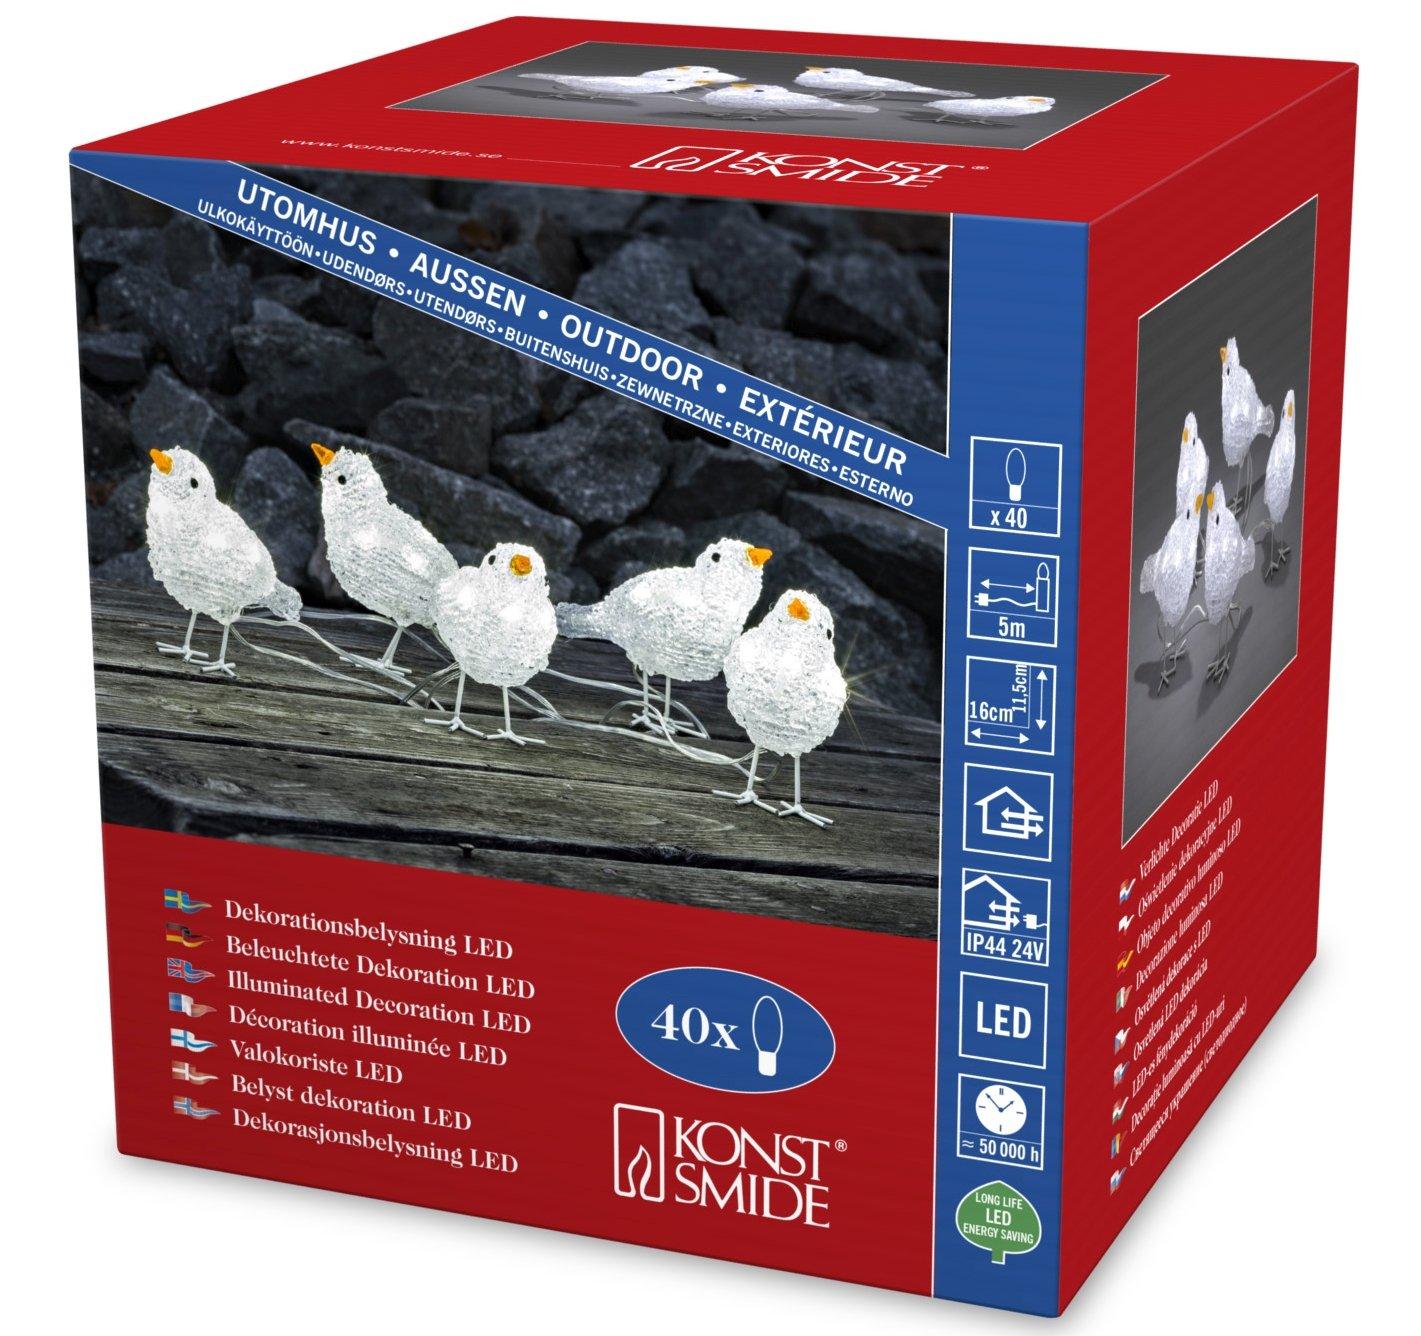 Konstsmide - Pájaros de acrílico con luz LED, 5 unidades, 40 diodos de luz blanca fría, transformador exterior de 24 V, cable transparente 6144-203